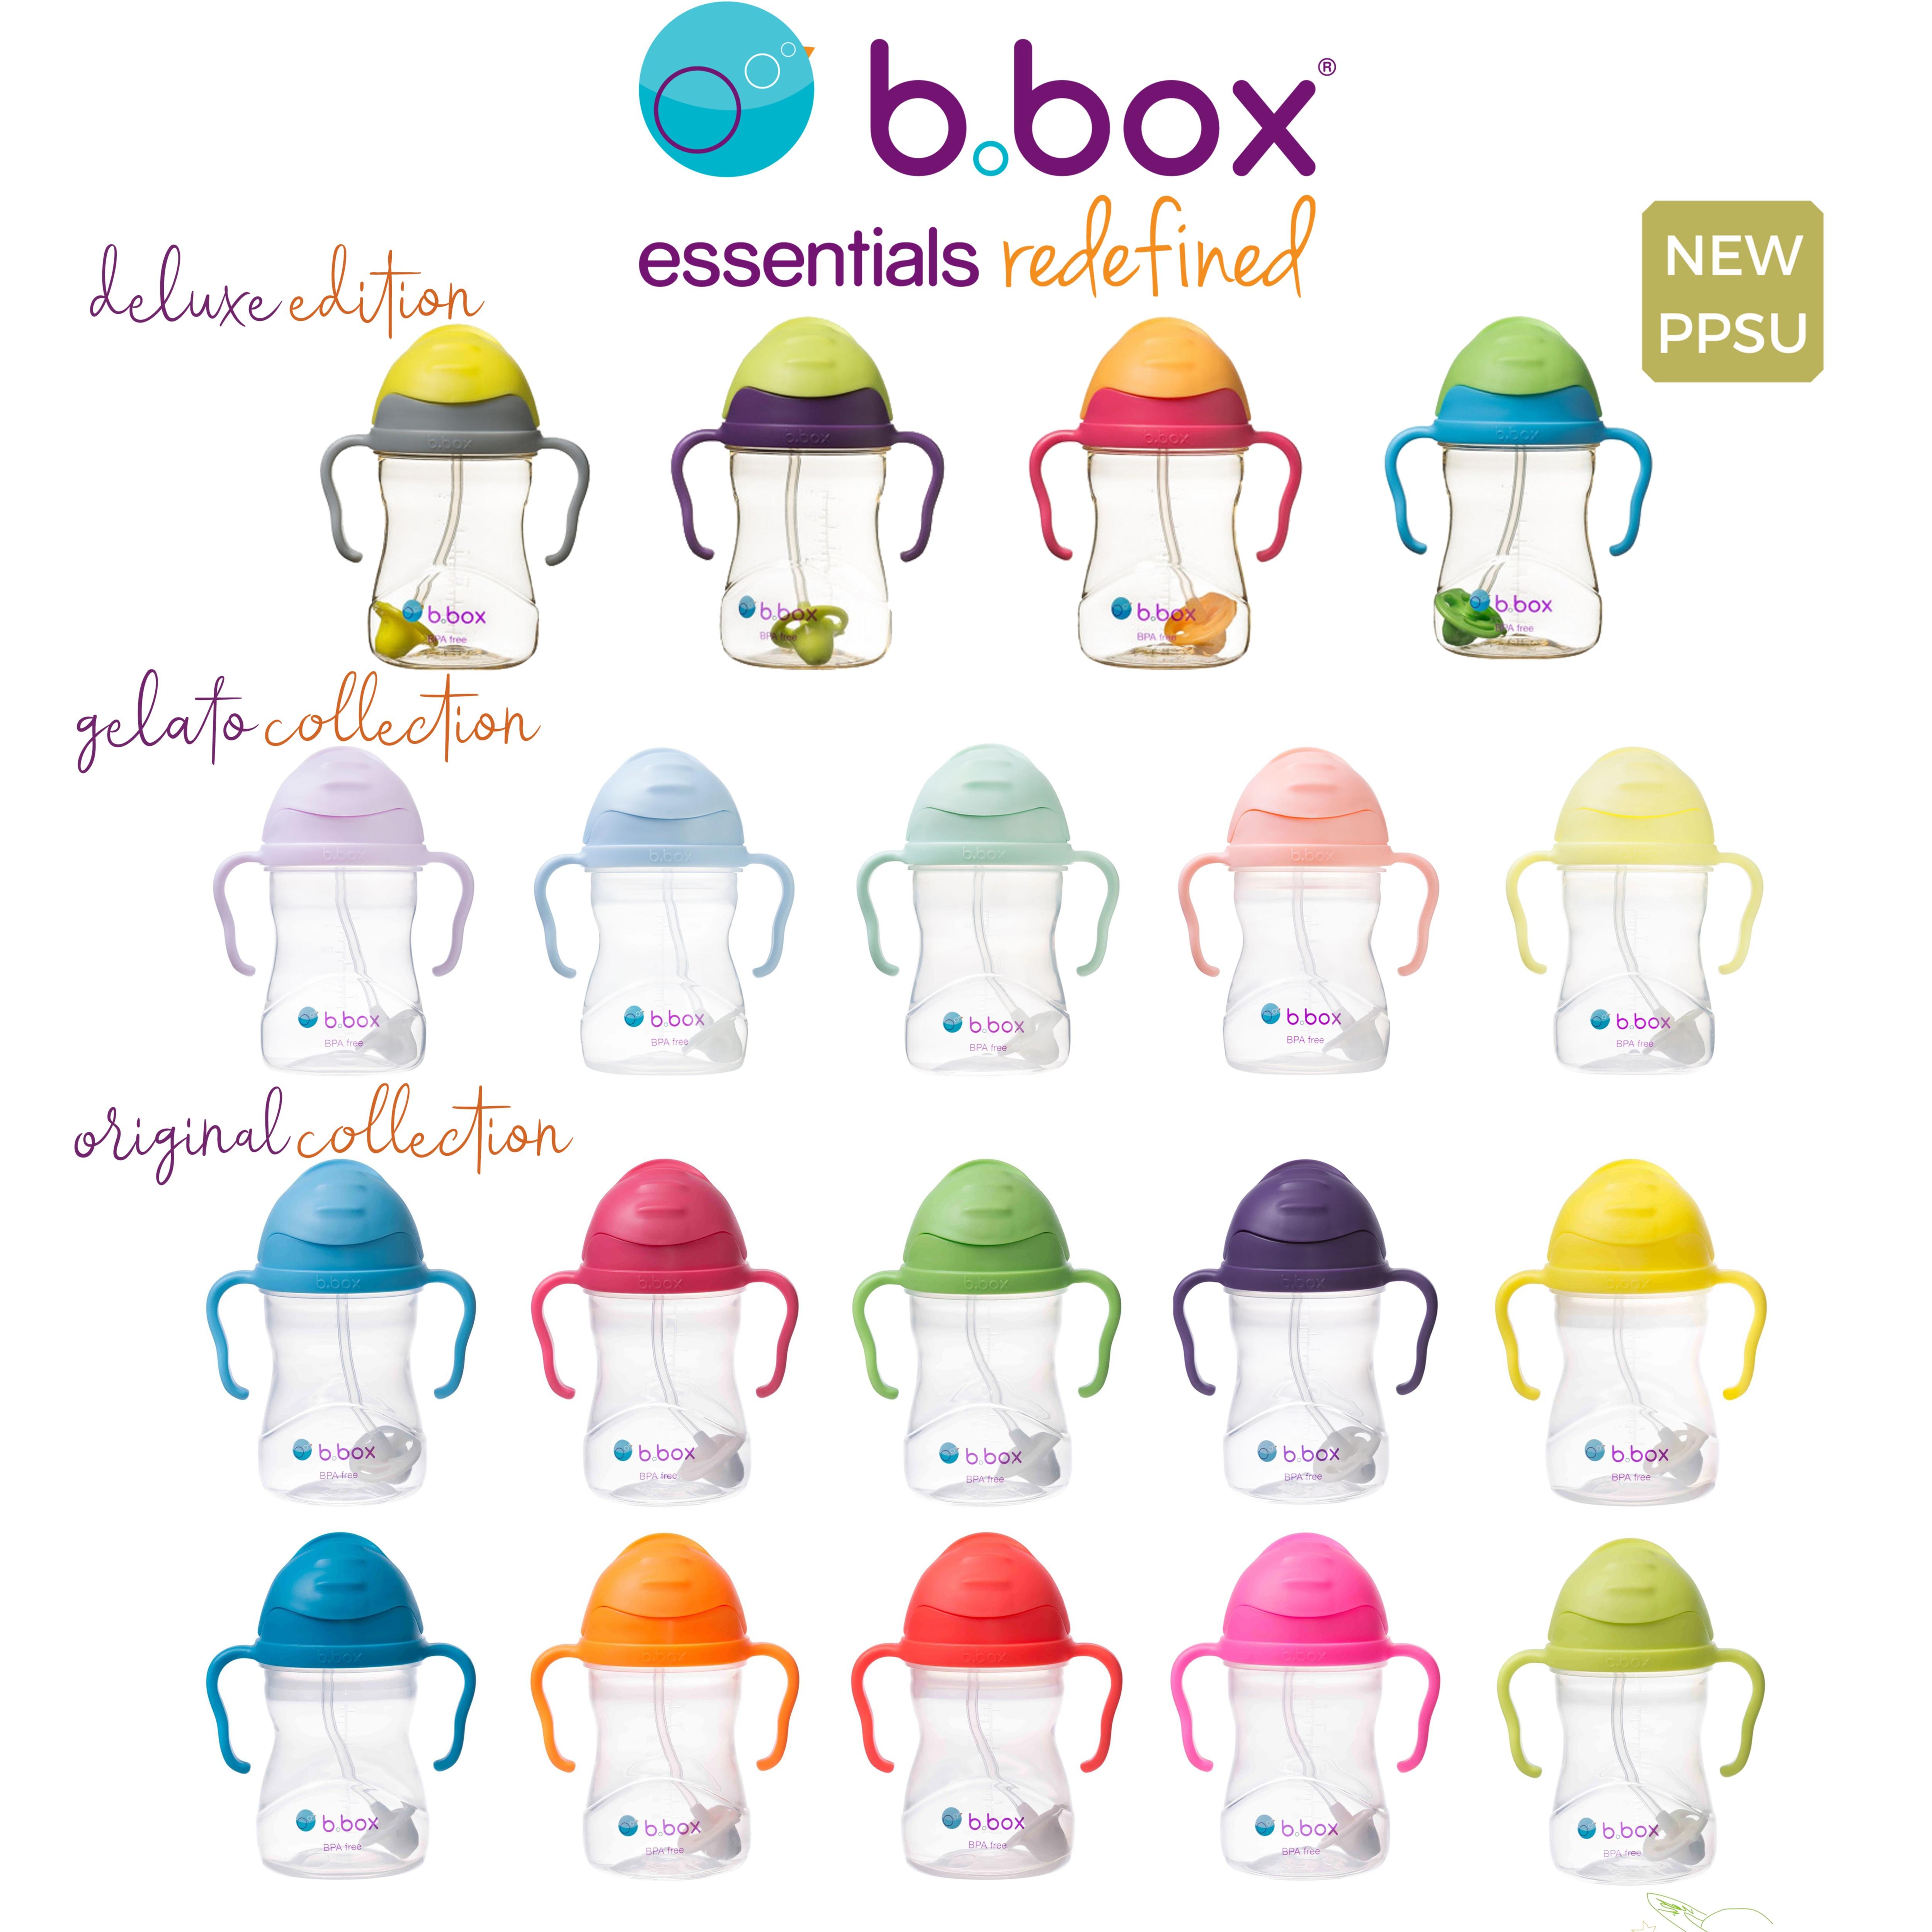 โปรโมชั่น b.box sippy cup บี บ็อกซ์ แก้วหัดดื่ม BPA free ถ้วยหัดดื่ม กันย้อน กันสำลัก กันหก นวัตกรรมตุ้มถ่วงปลายหลอดจะกลิ้งตามของเหลวขณะดื่ม ดื่มได้ทุกอริยาบท ขนาด 8 ออนซ์ bbox b box บีบ็อกซ์